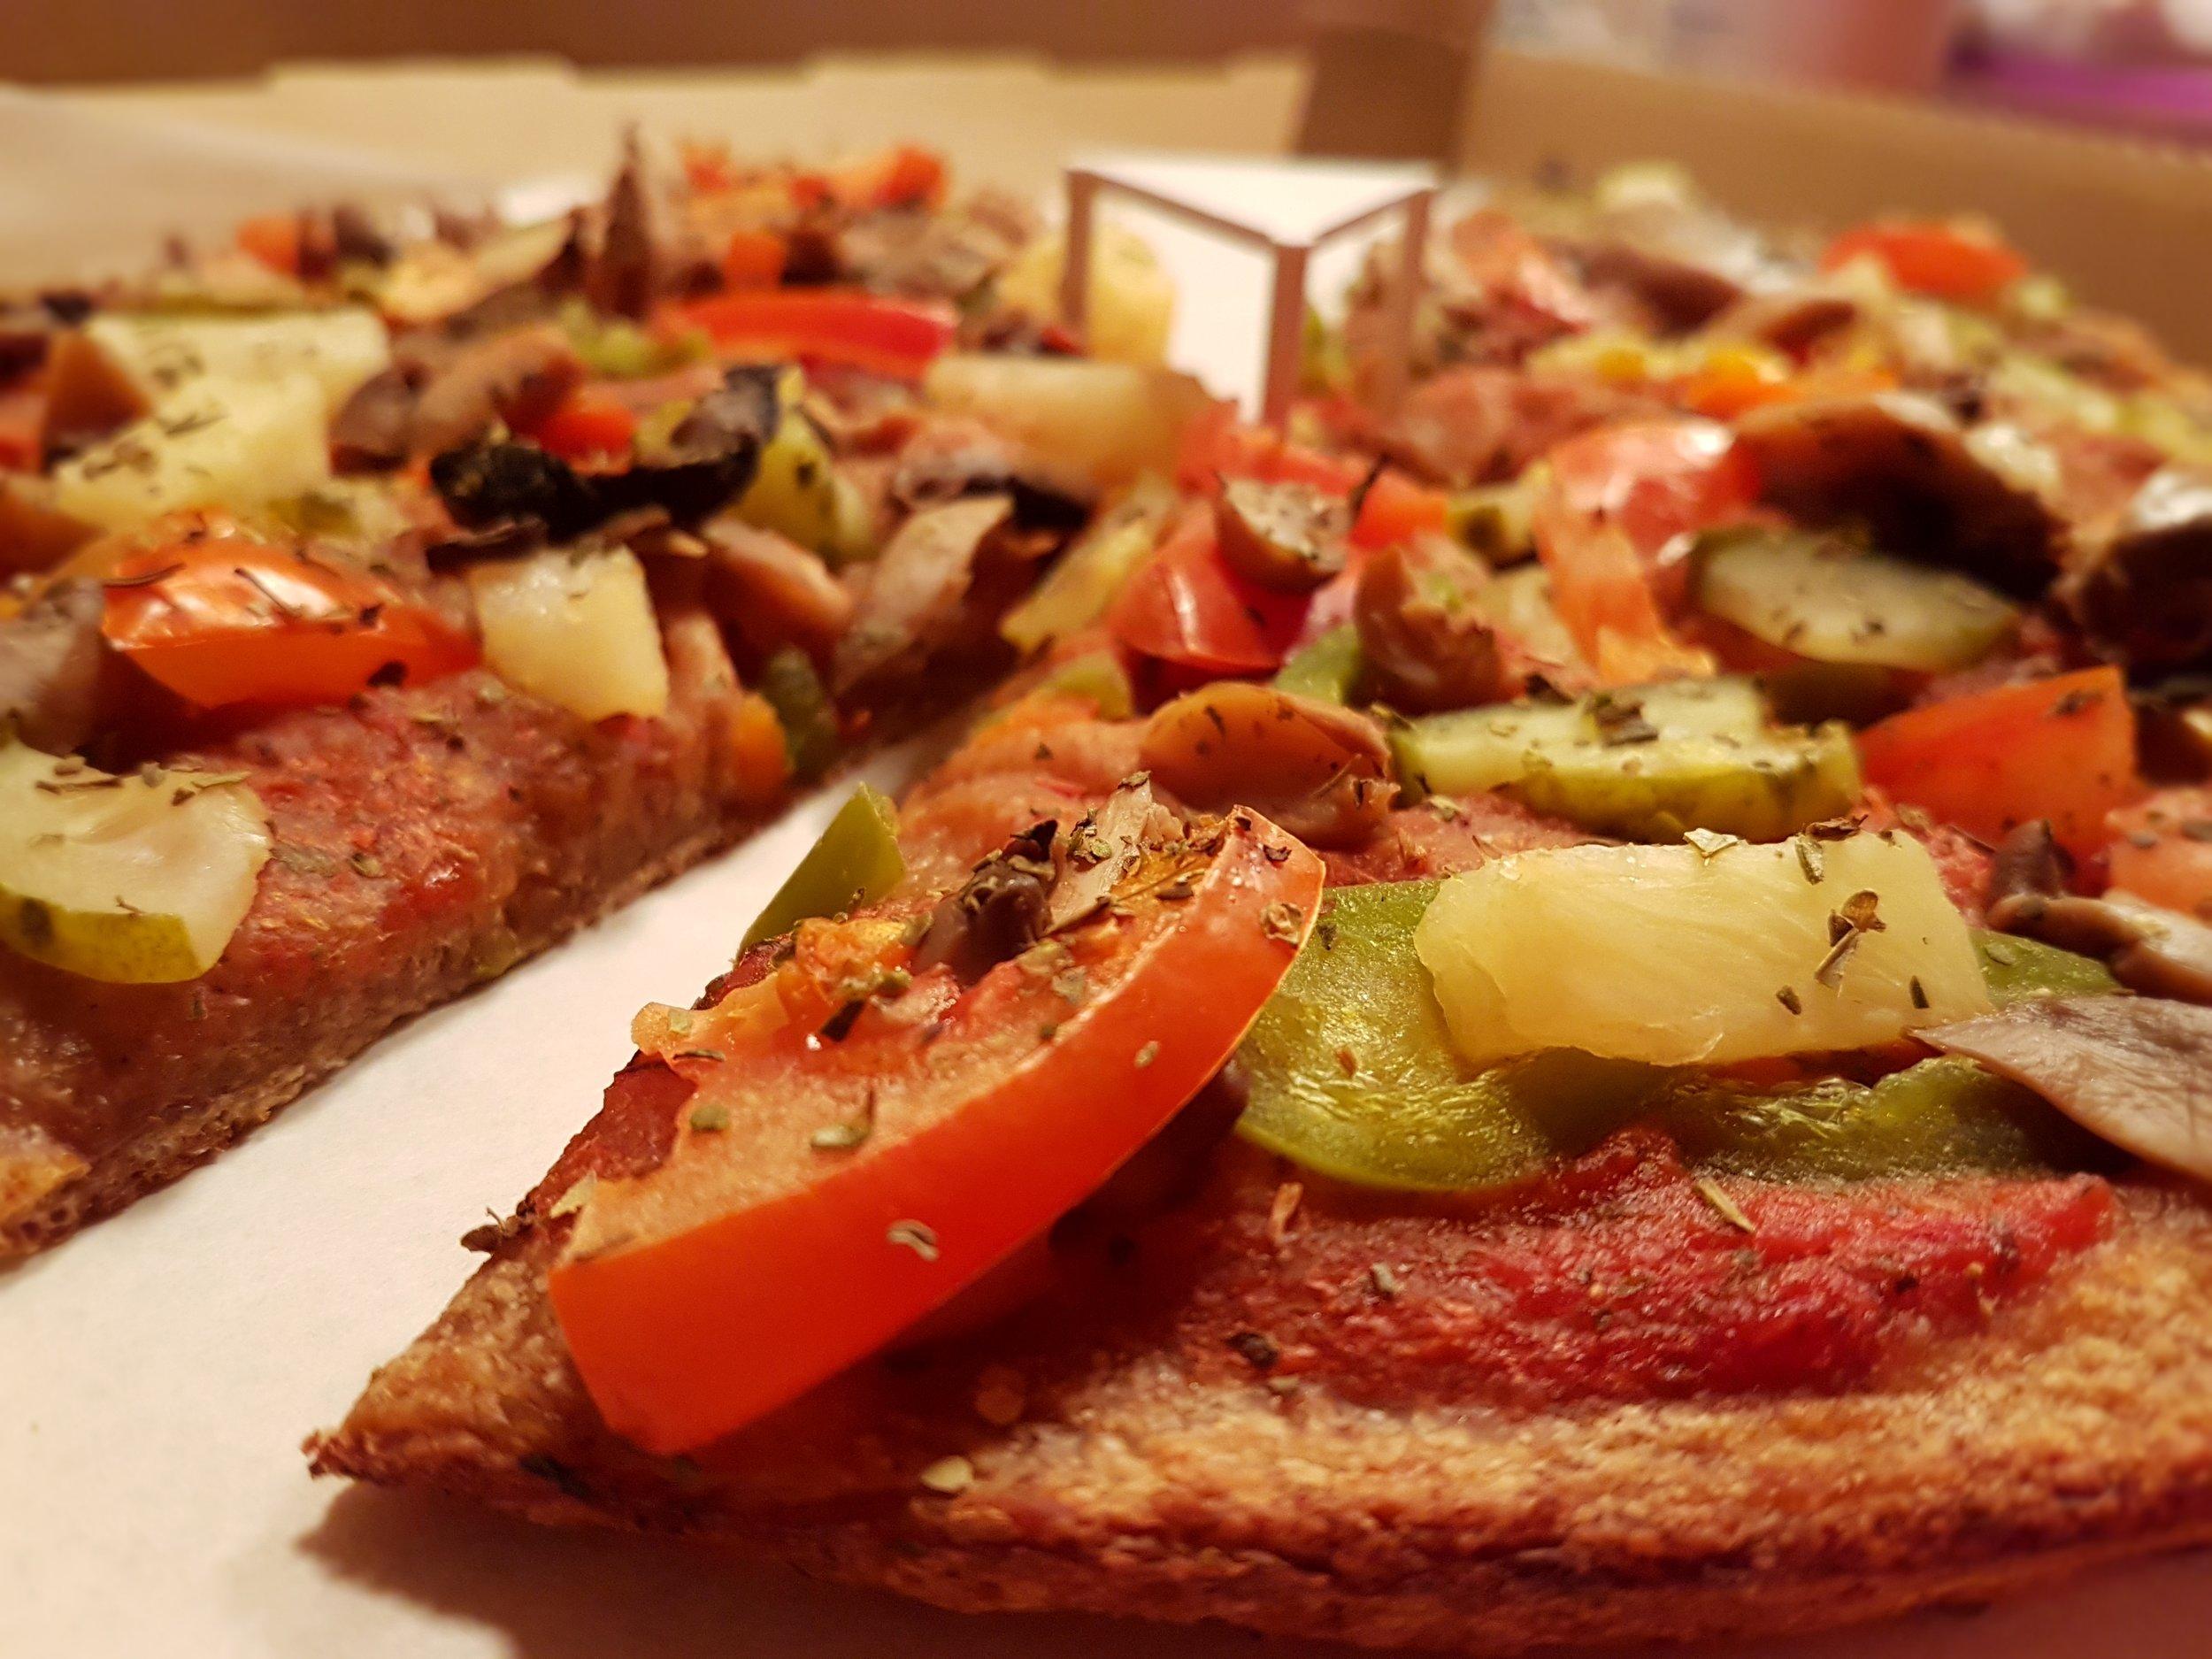 Rukkipõhjaga ilma juustuta pitsa.